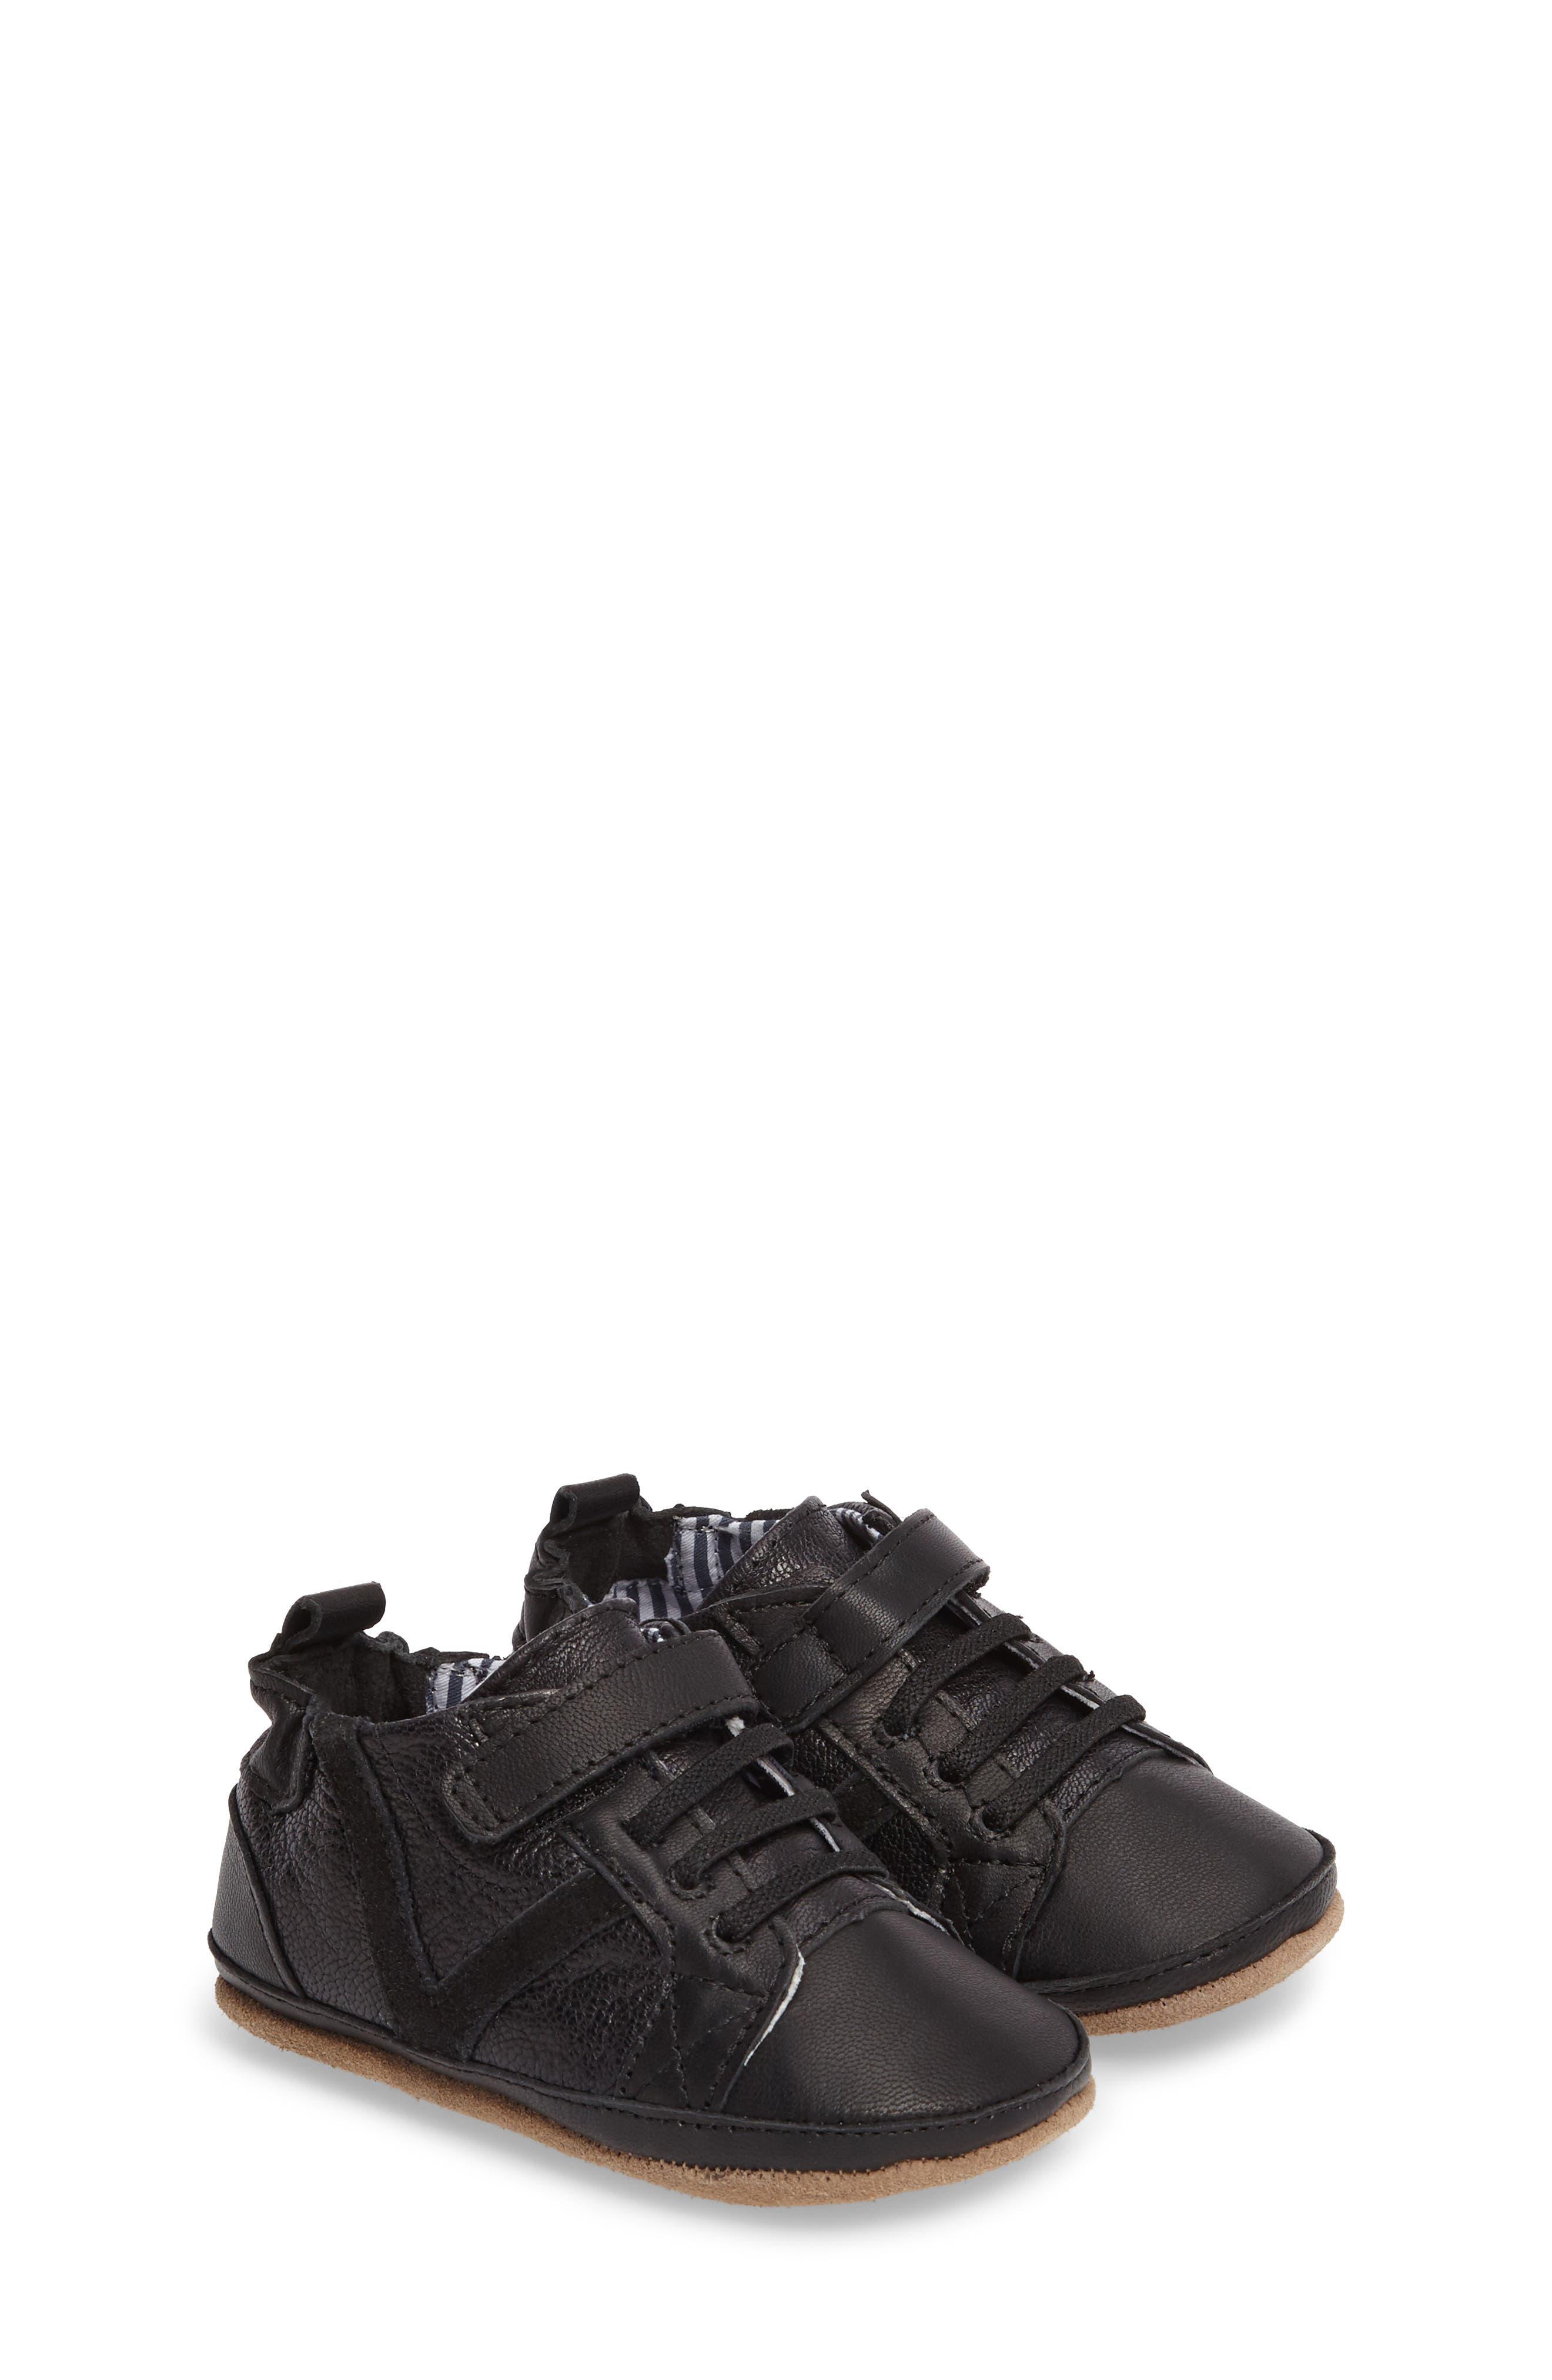 Asher Crib Shoe,                             Main thumbnail 1, color,                             Black